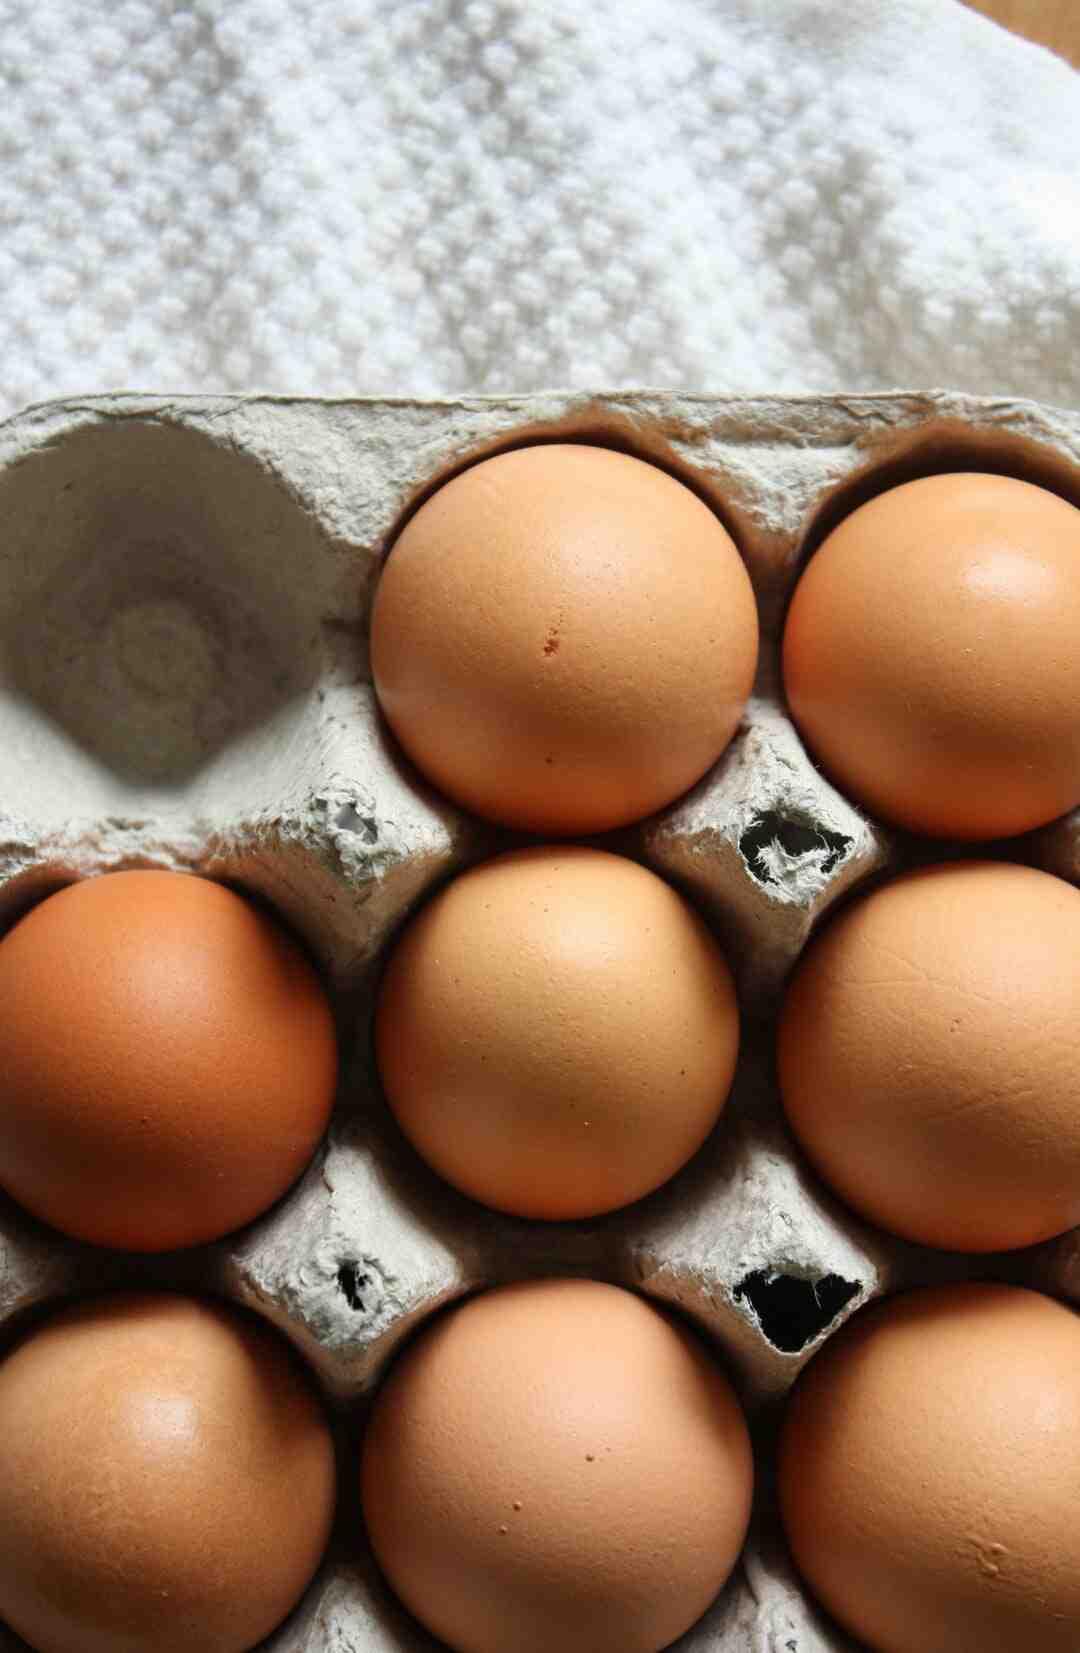 Comment durcir une coquille d'œuf vide ?